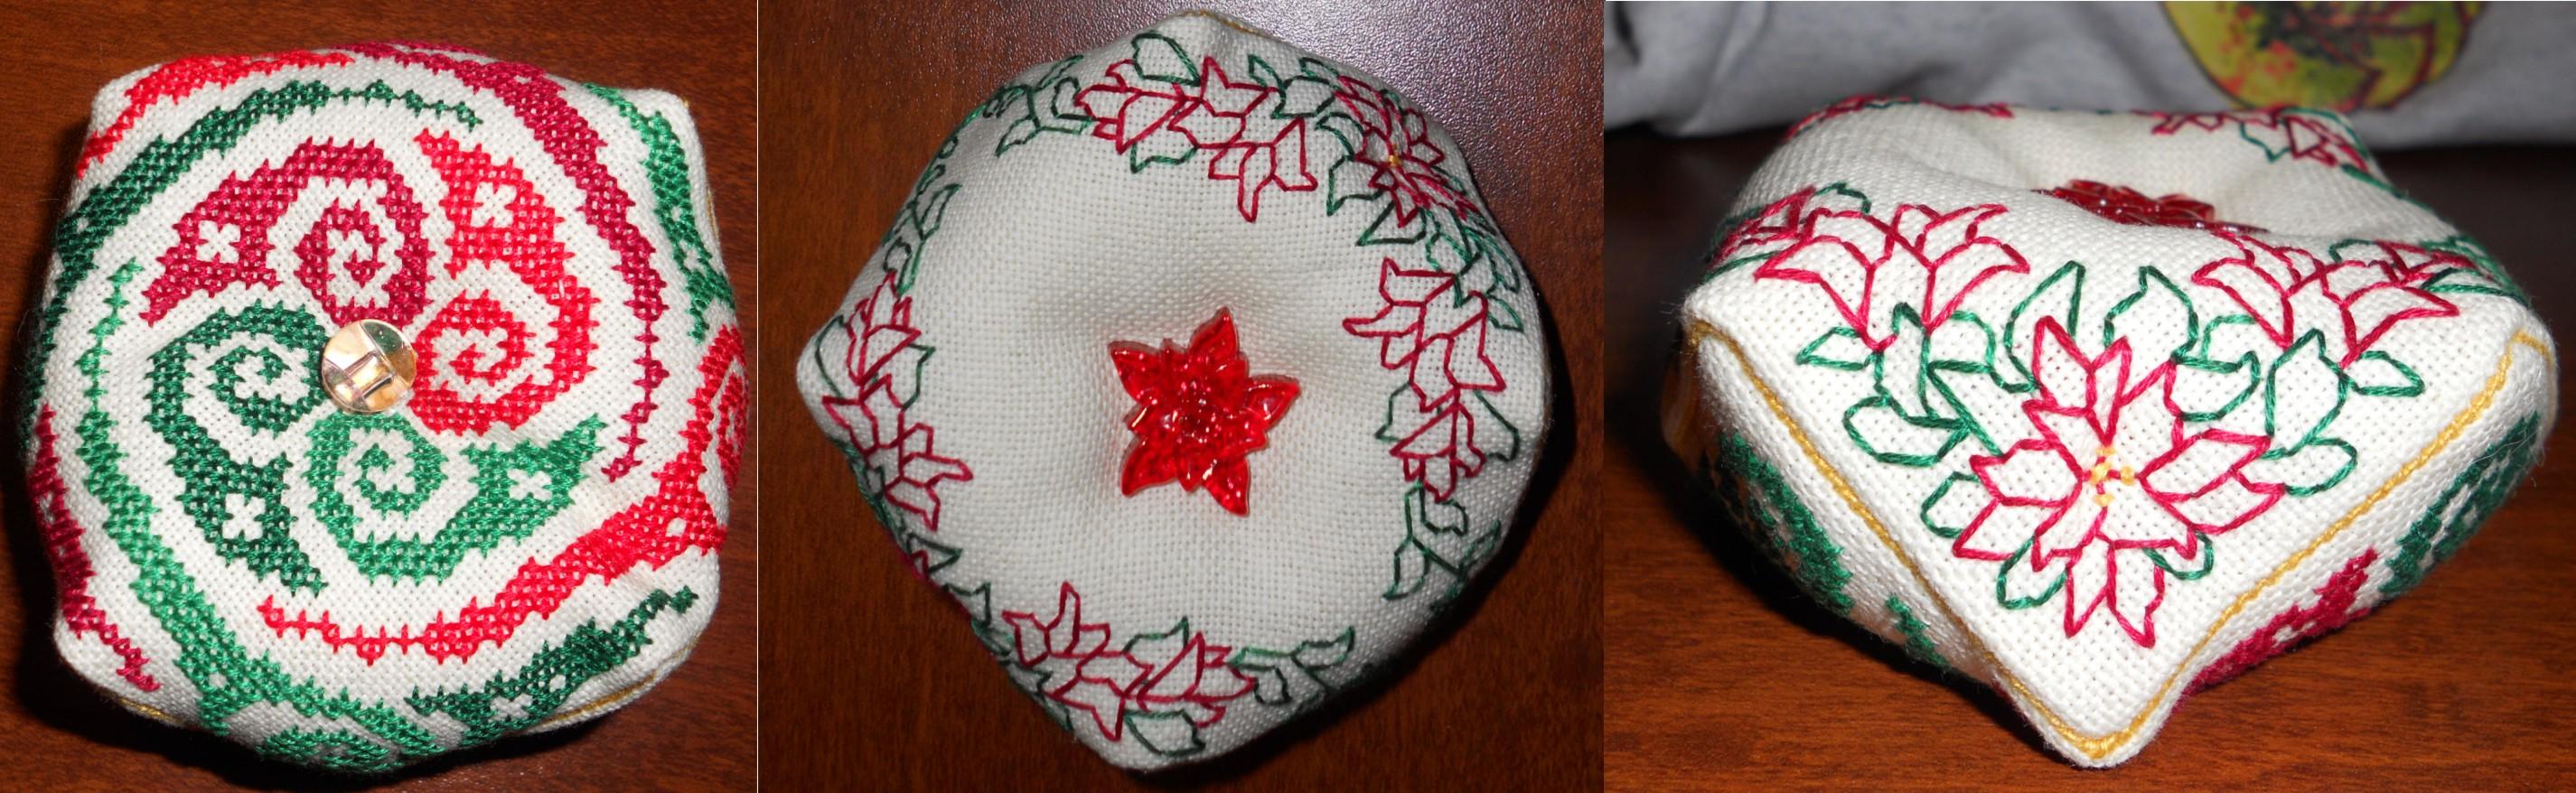 Biscornu Red + Green by Joce-in-Stitches